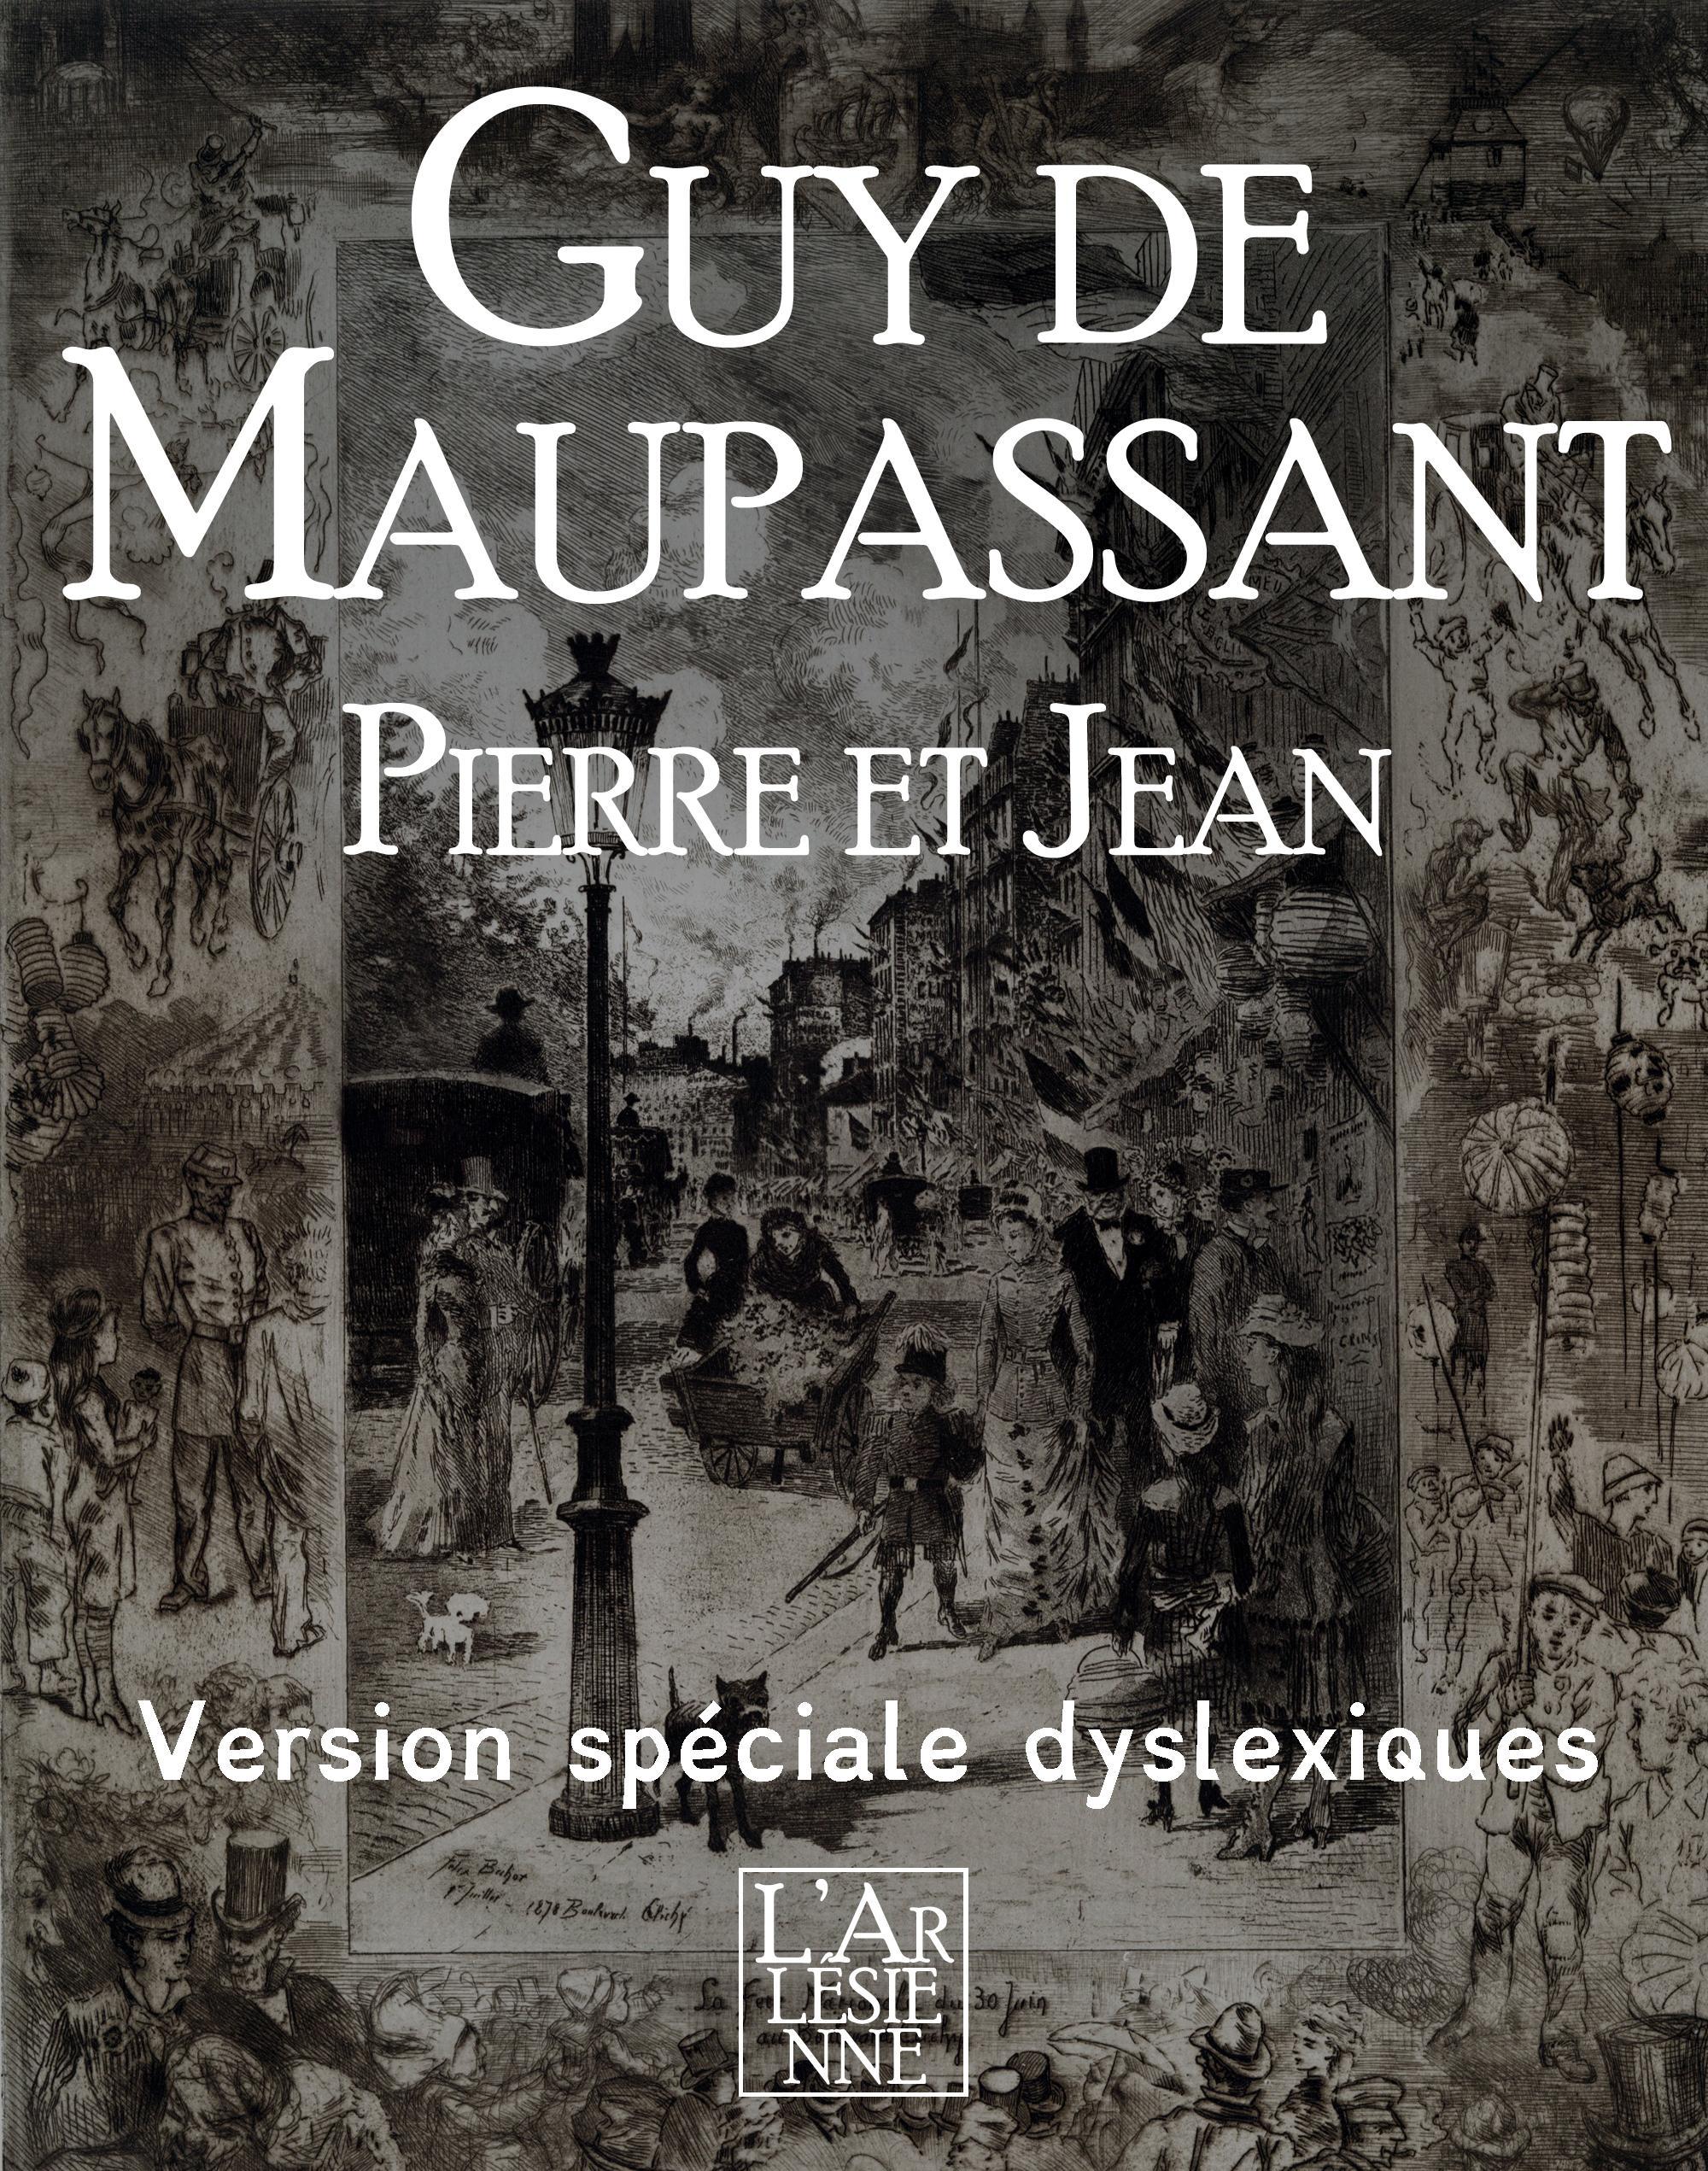 Pierre et Jean - Edition spéciale dyslexiques, TEXTE INTÉGRAL